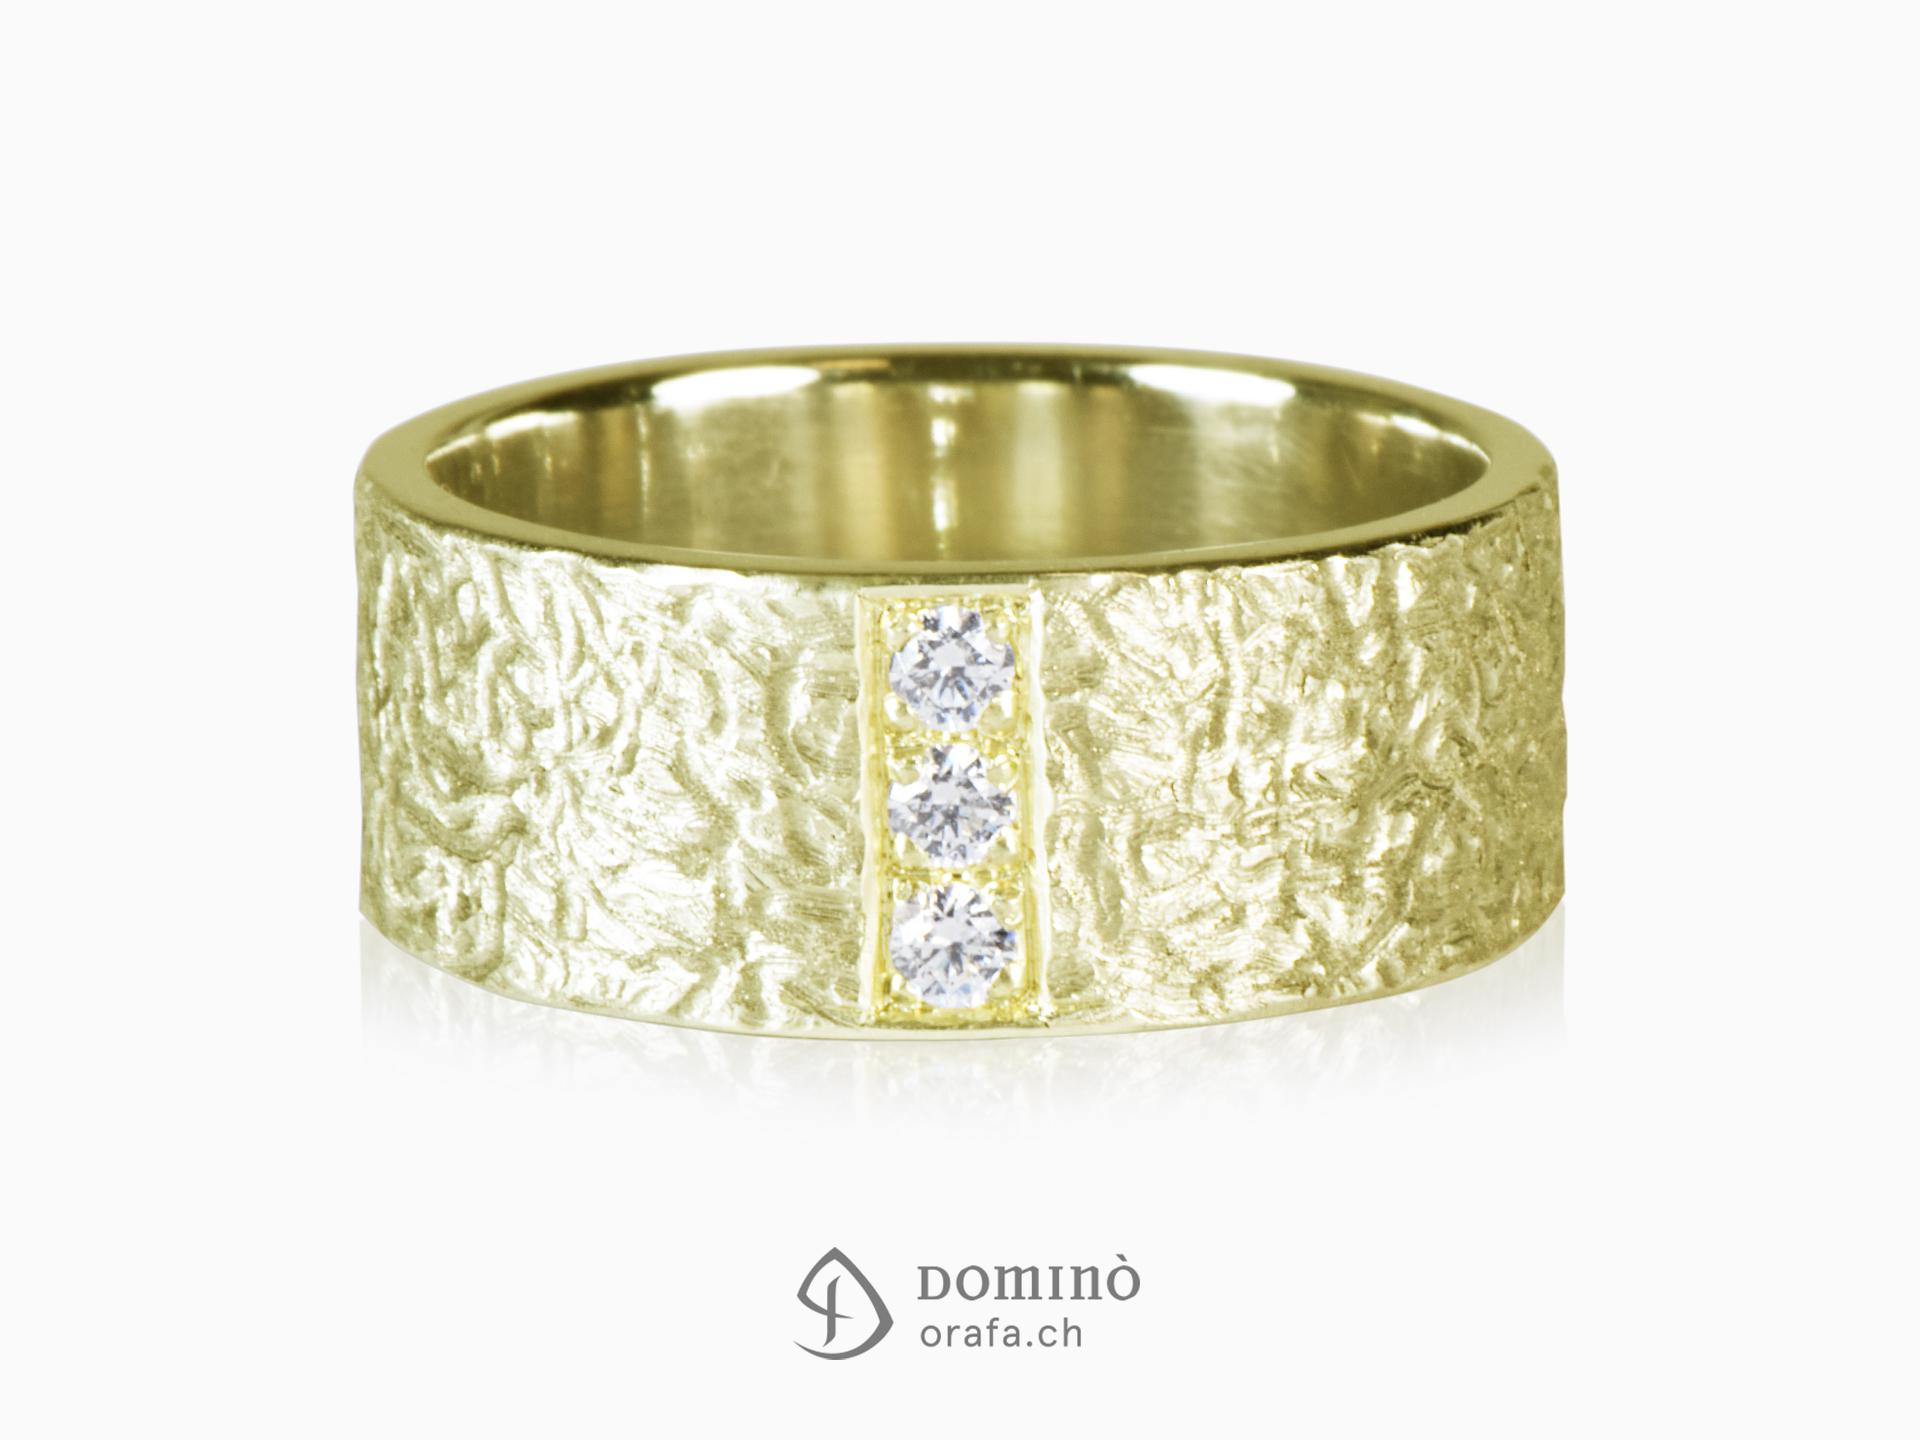 Corteccia ring with diamonds